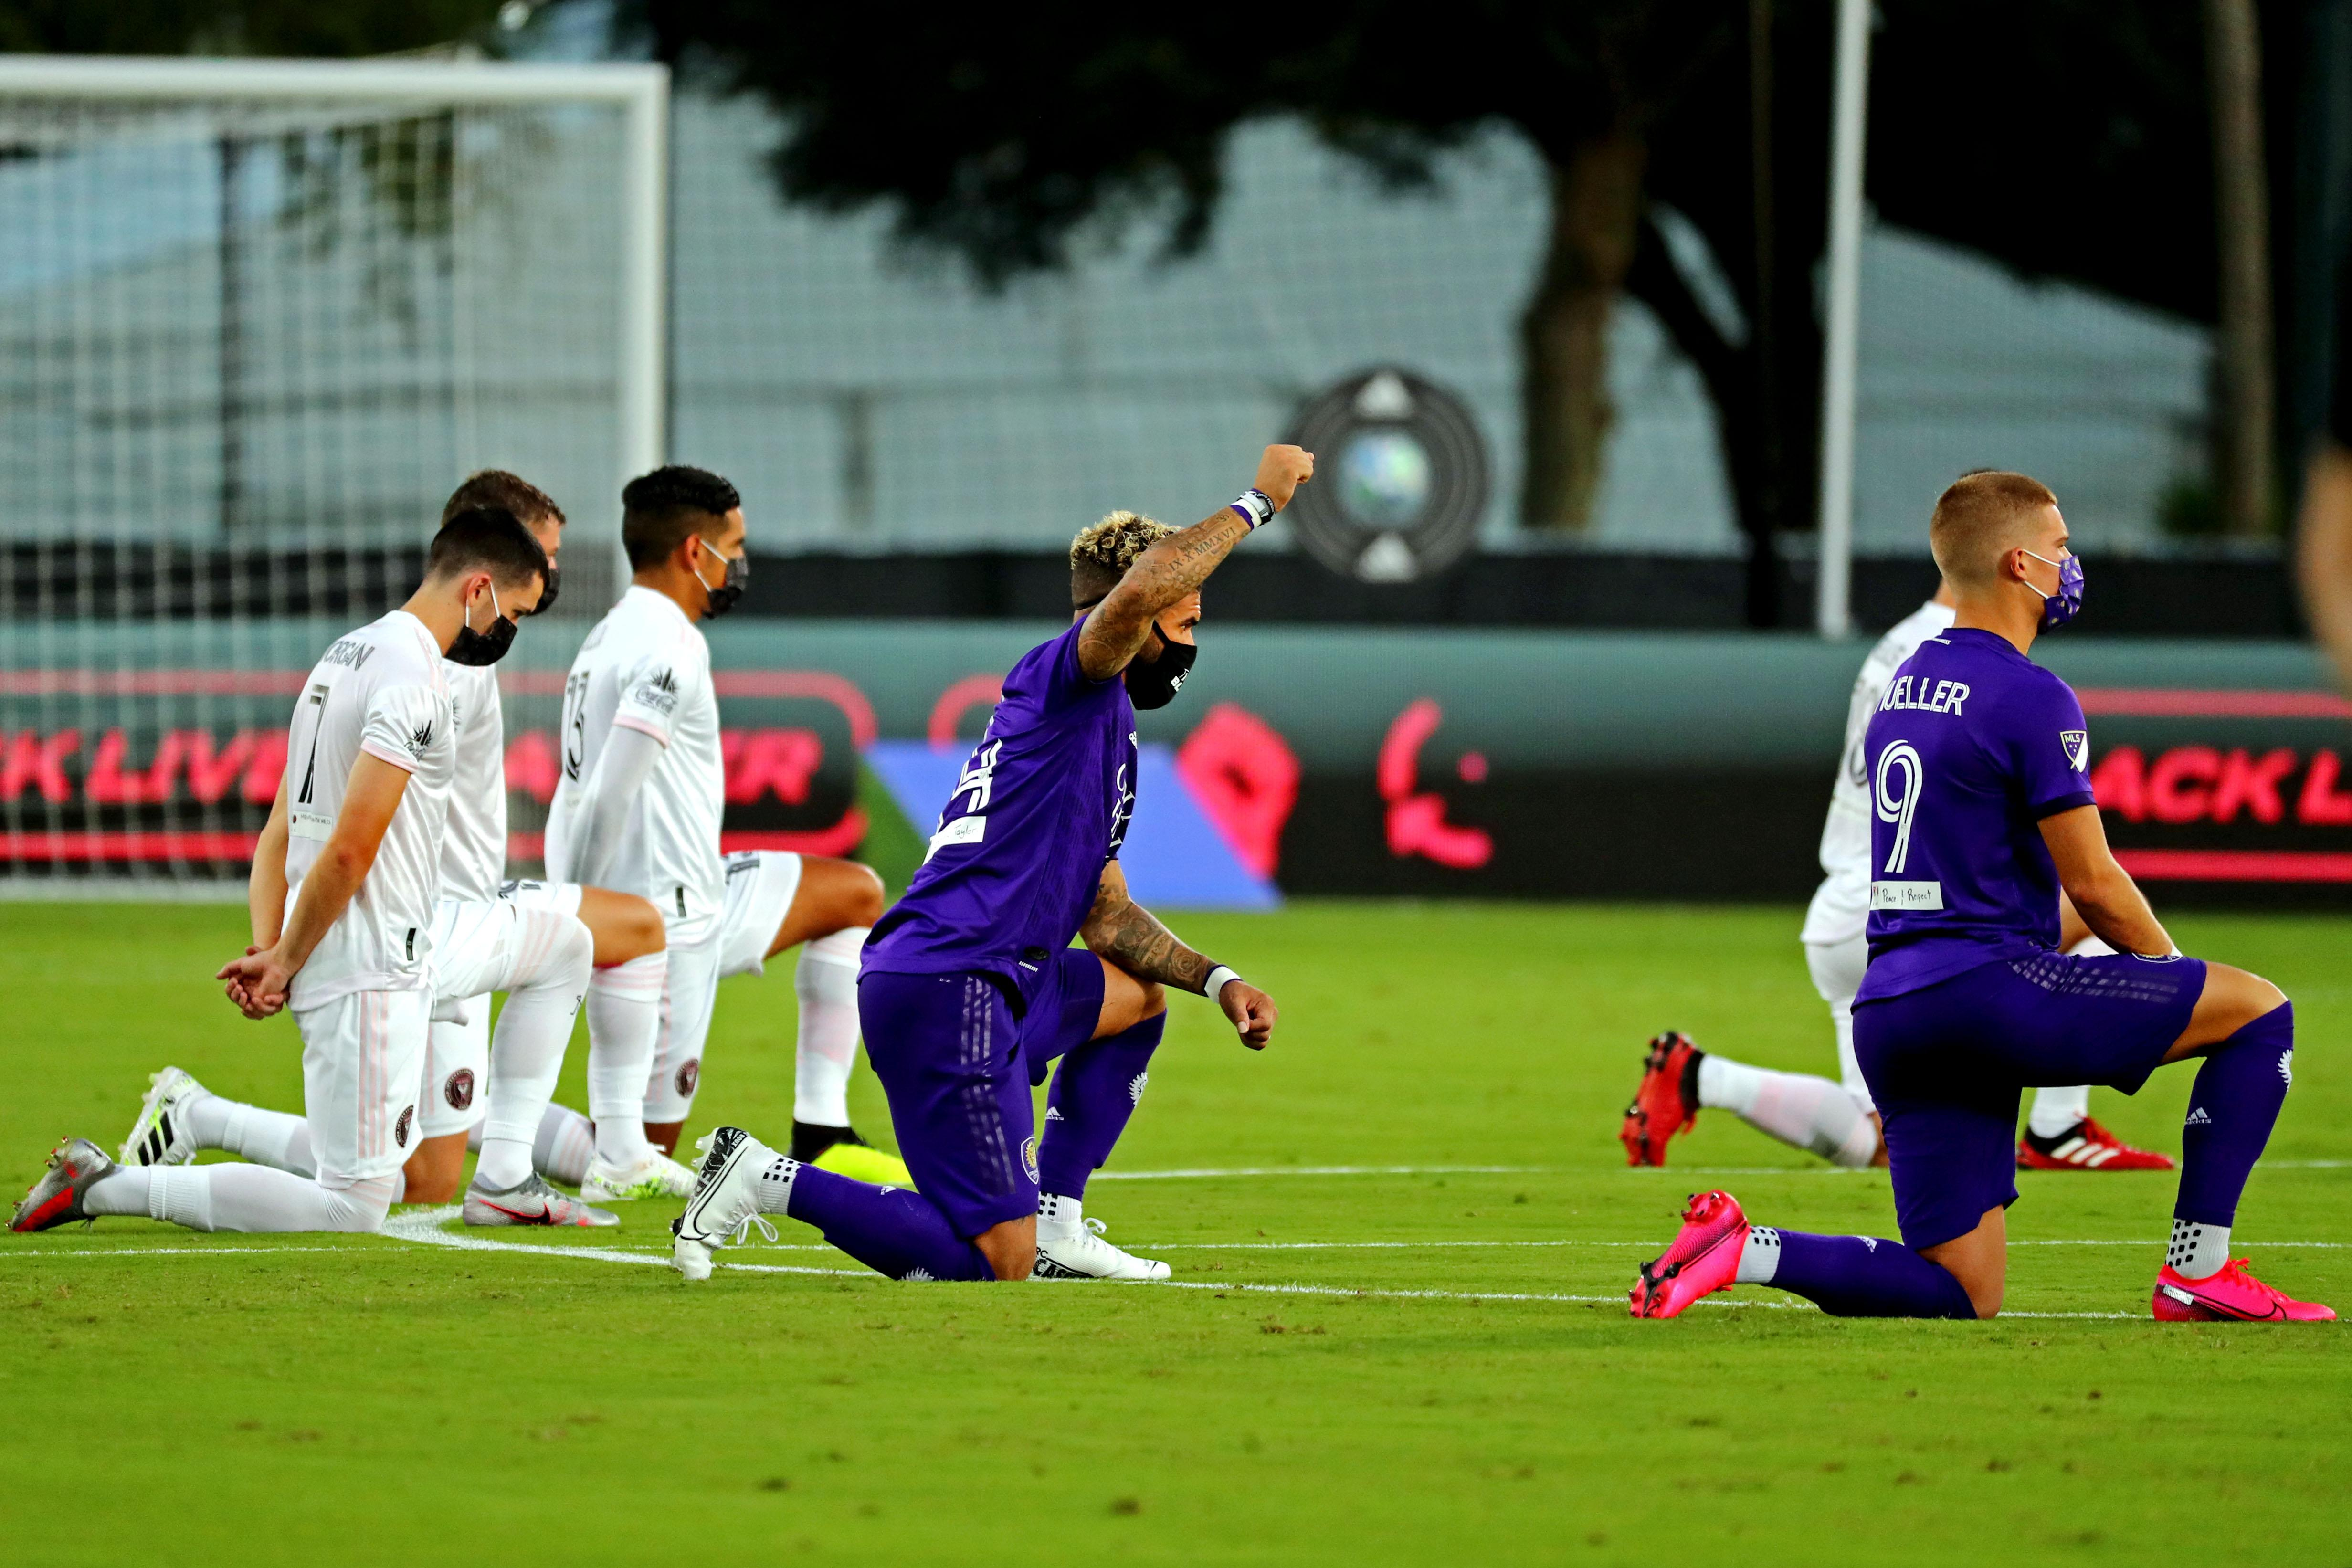 Starke Anti-Rassimus-Gesten vor Beginn des MLS-Turniers in den USA